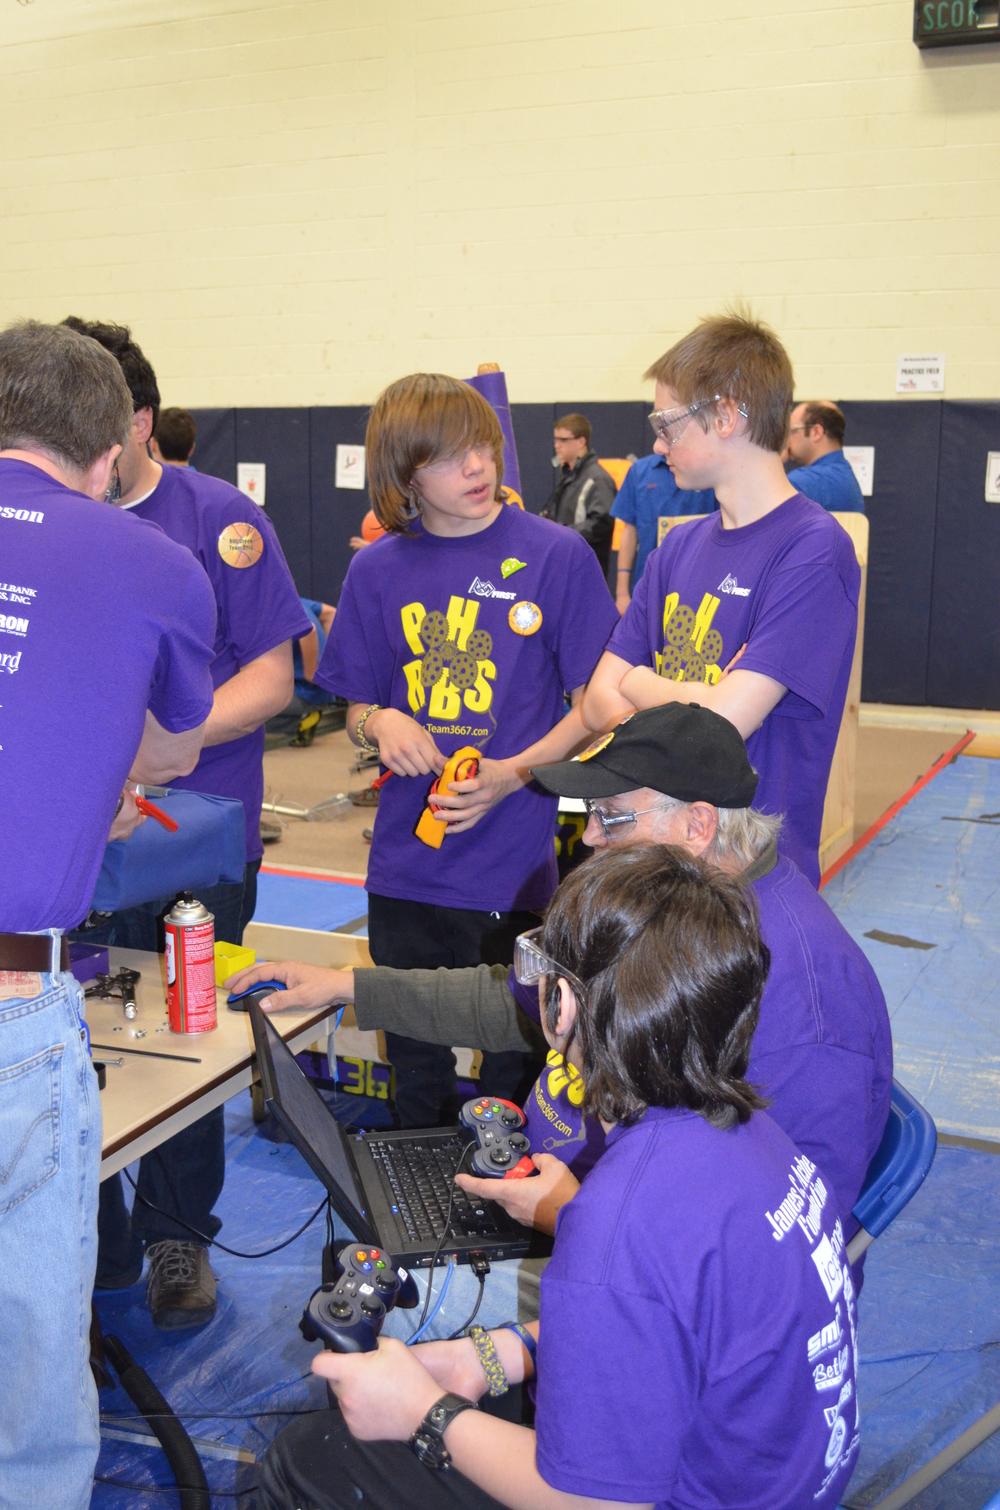 Team 3667 Waterford Comp 2012-008.JPG